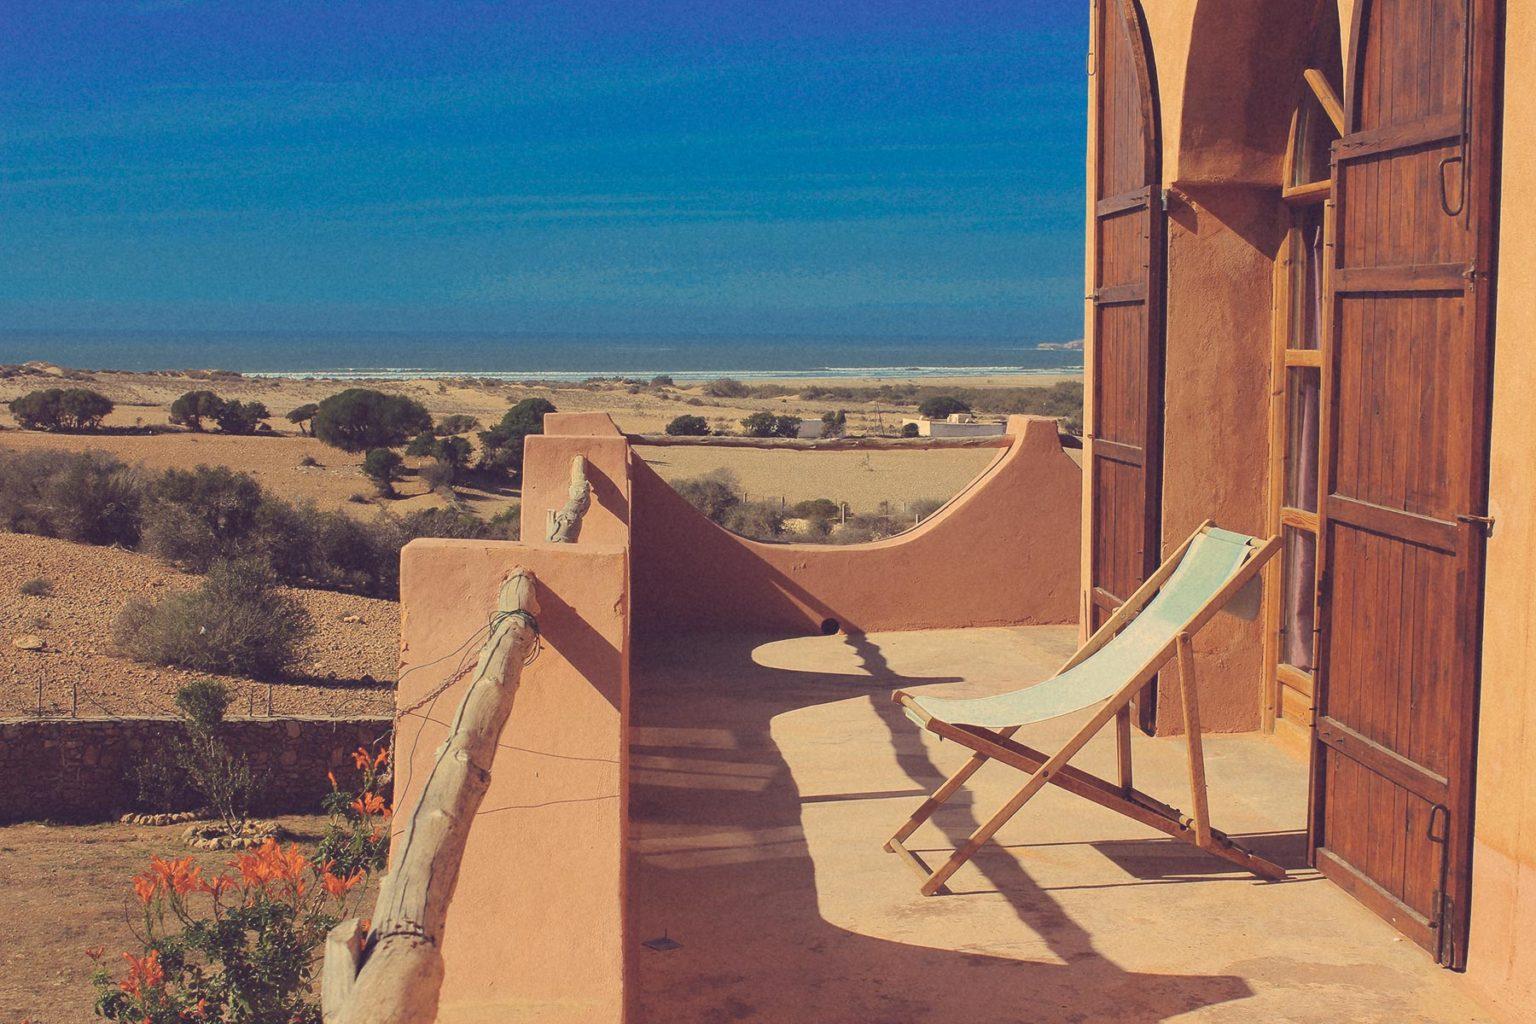 une terrasse au Maroc avec vue sur l'océan